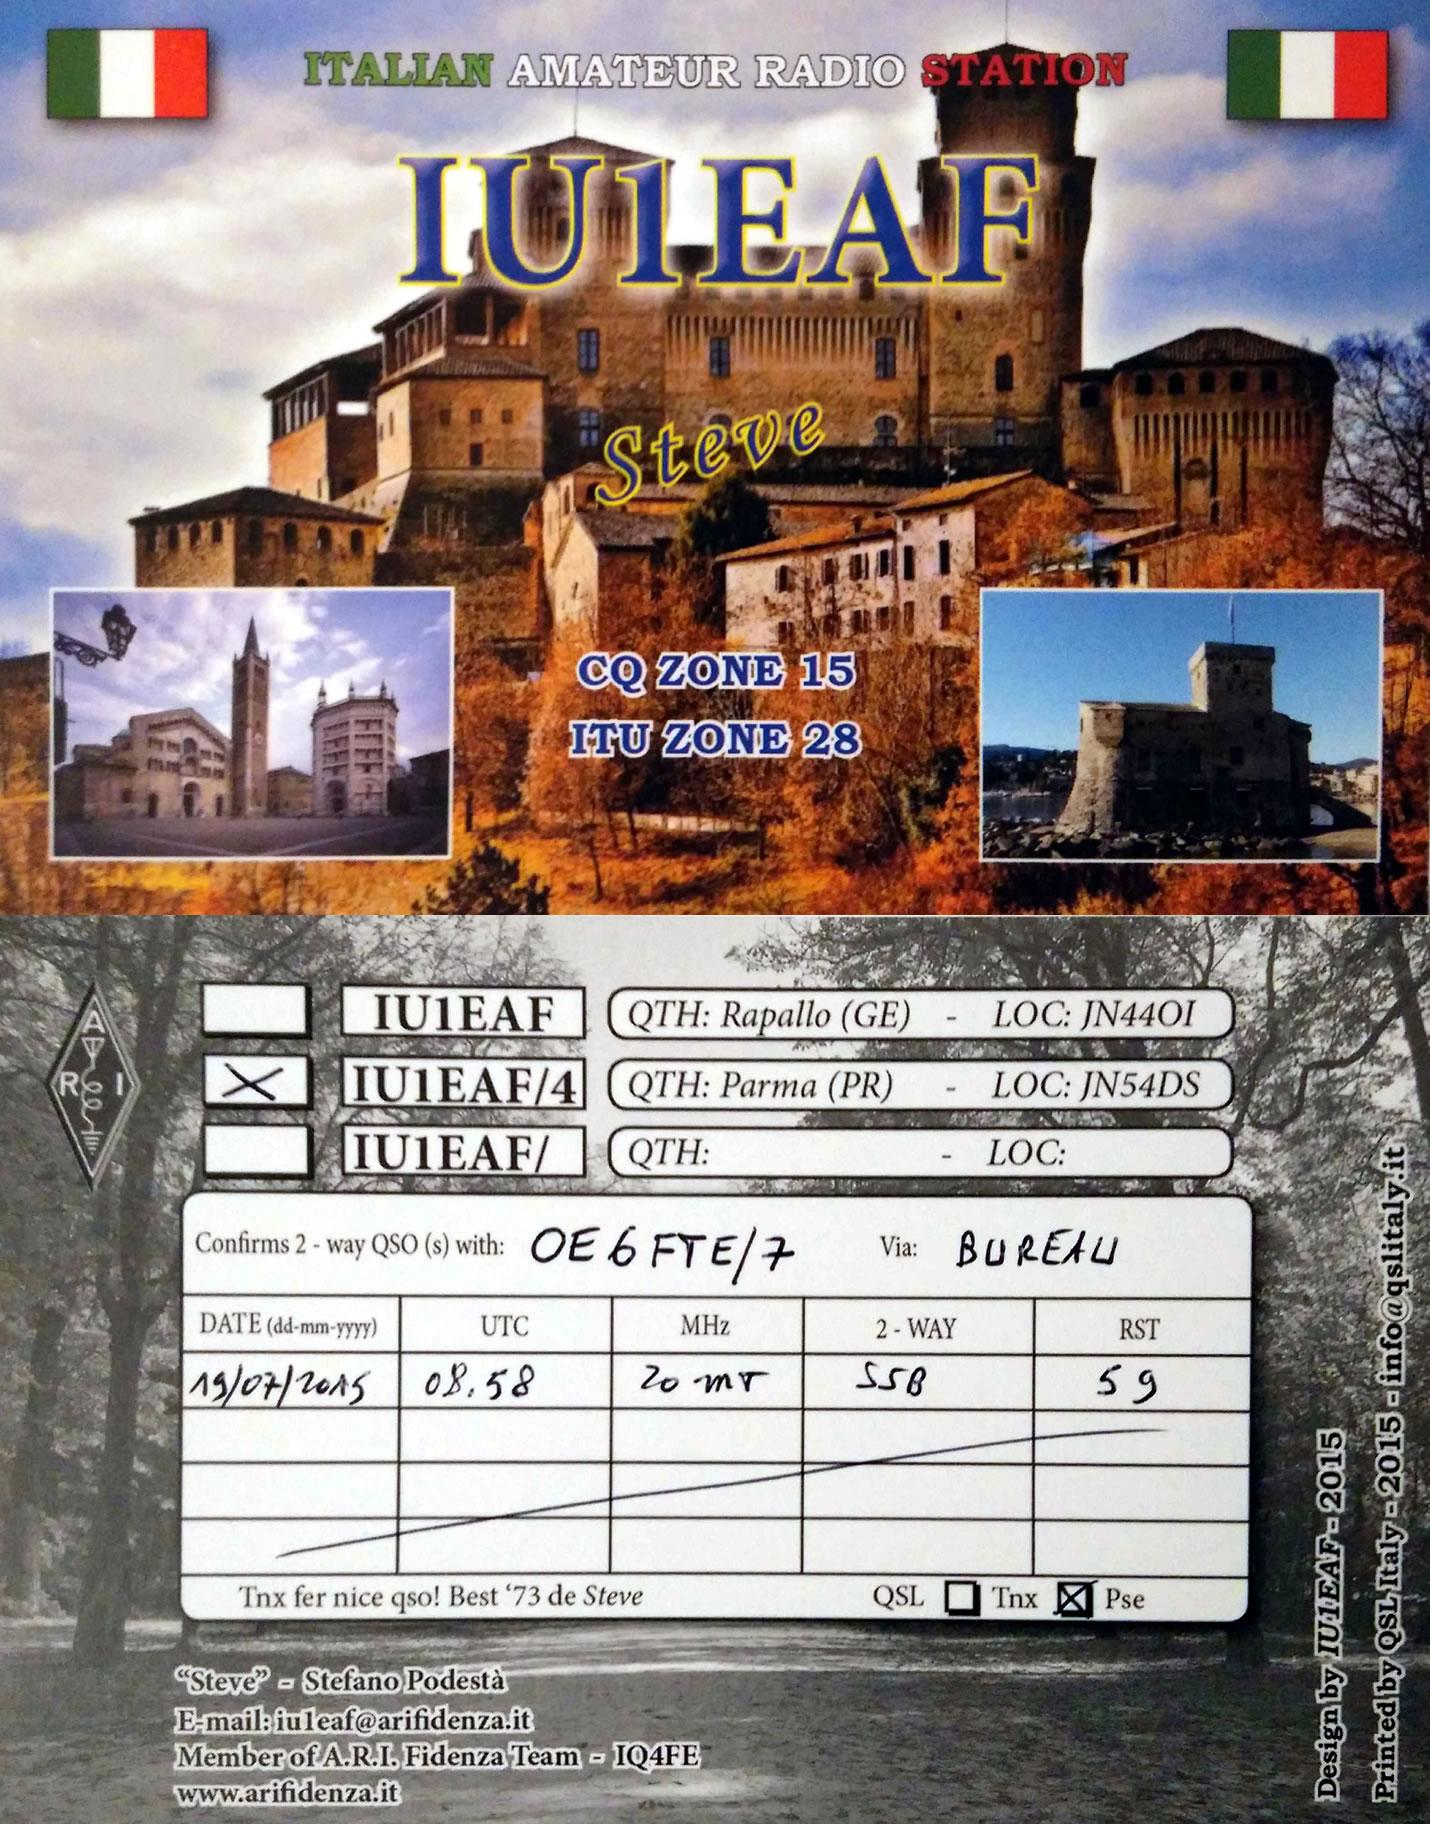 IU1EAF